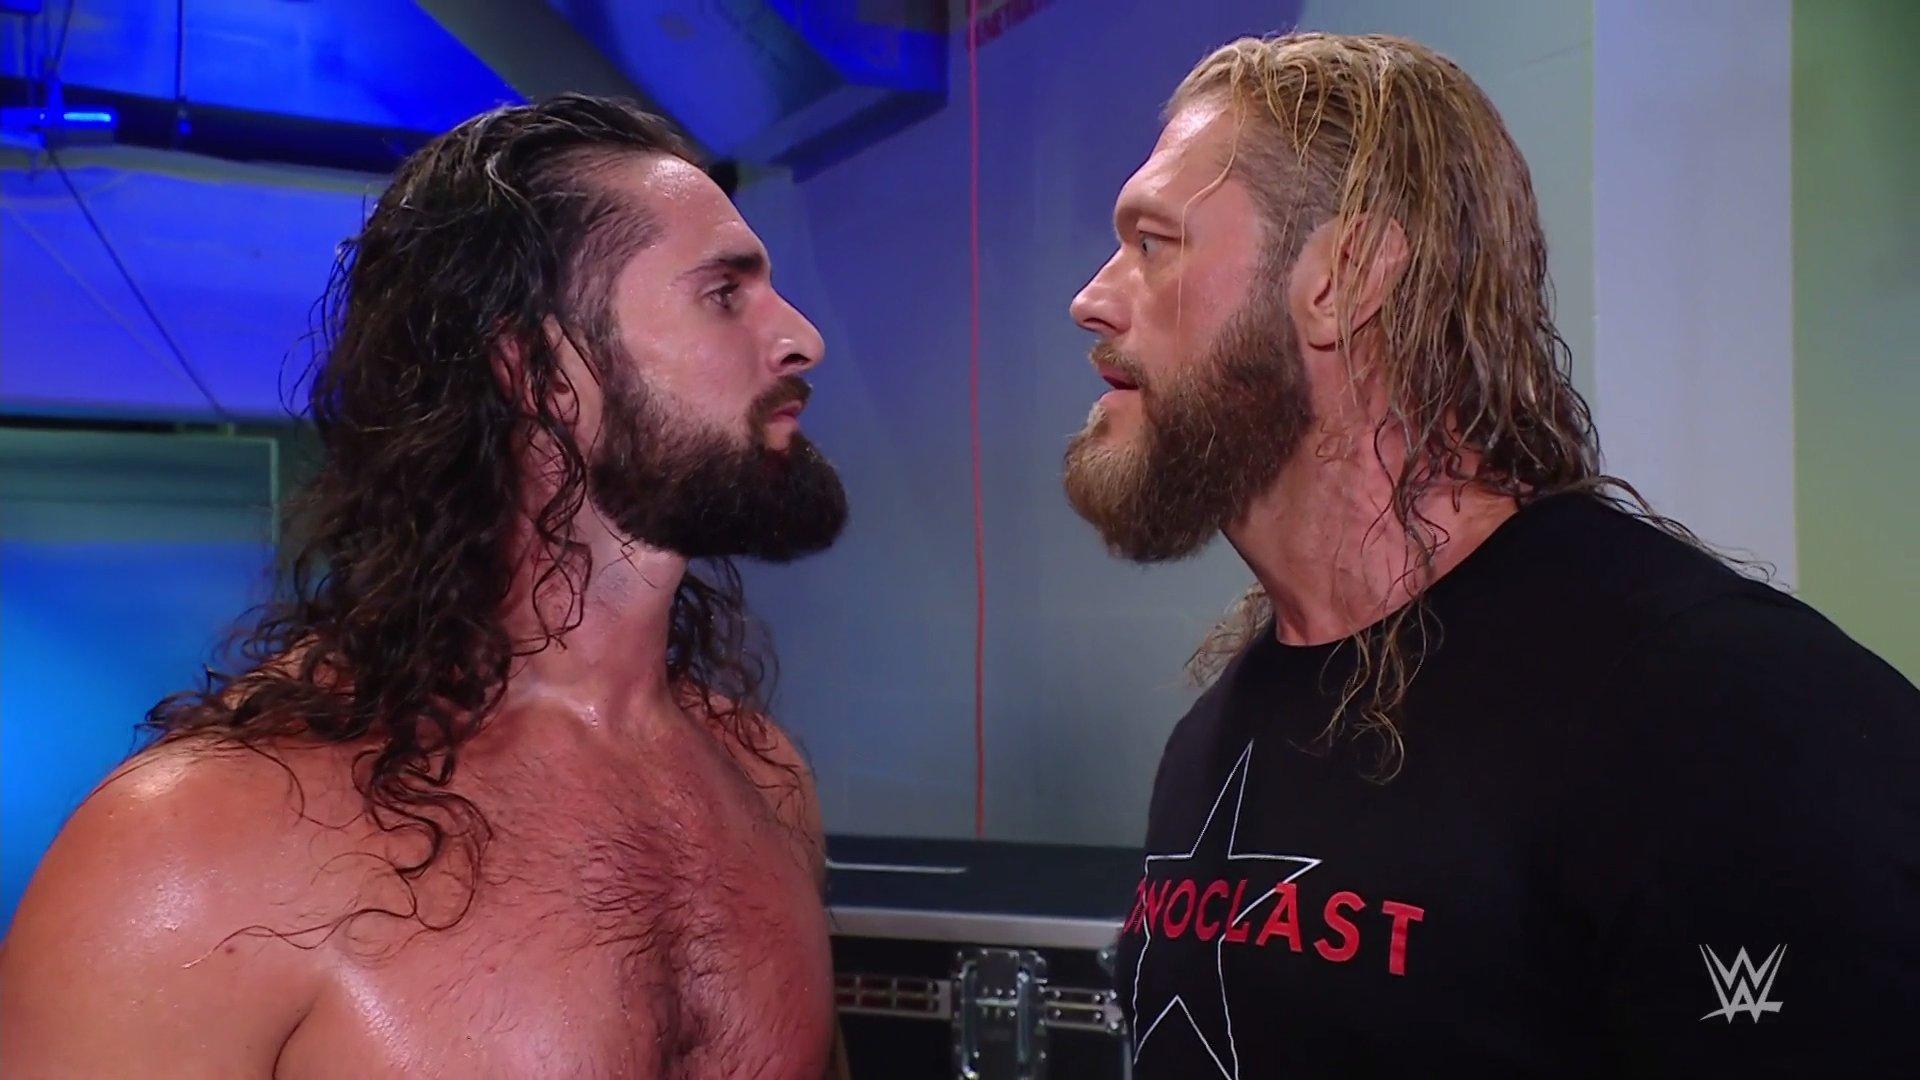 WWE continúa construyendo un futuro Edge vs. Seth Rollins